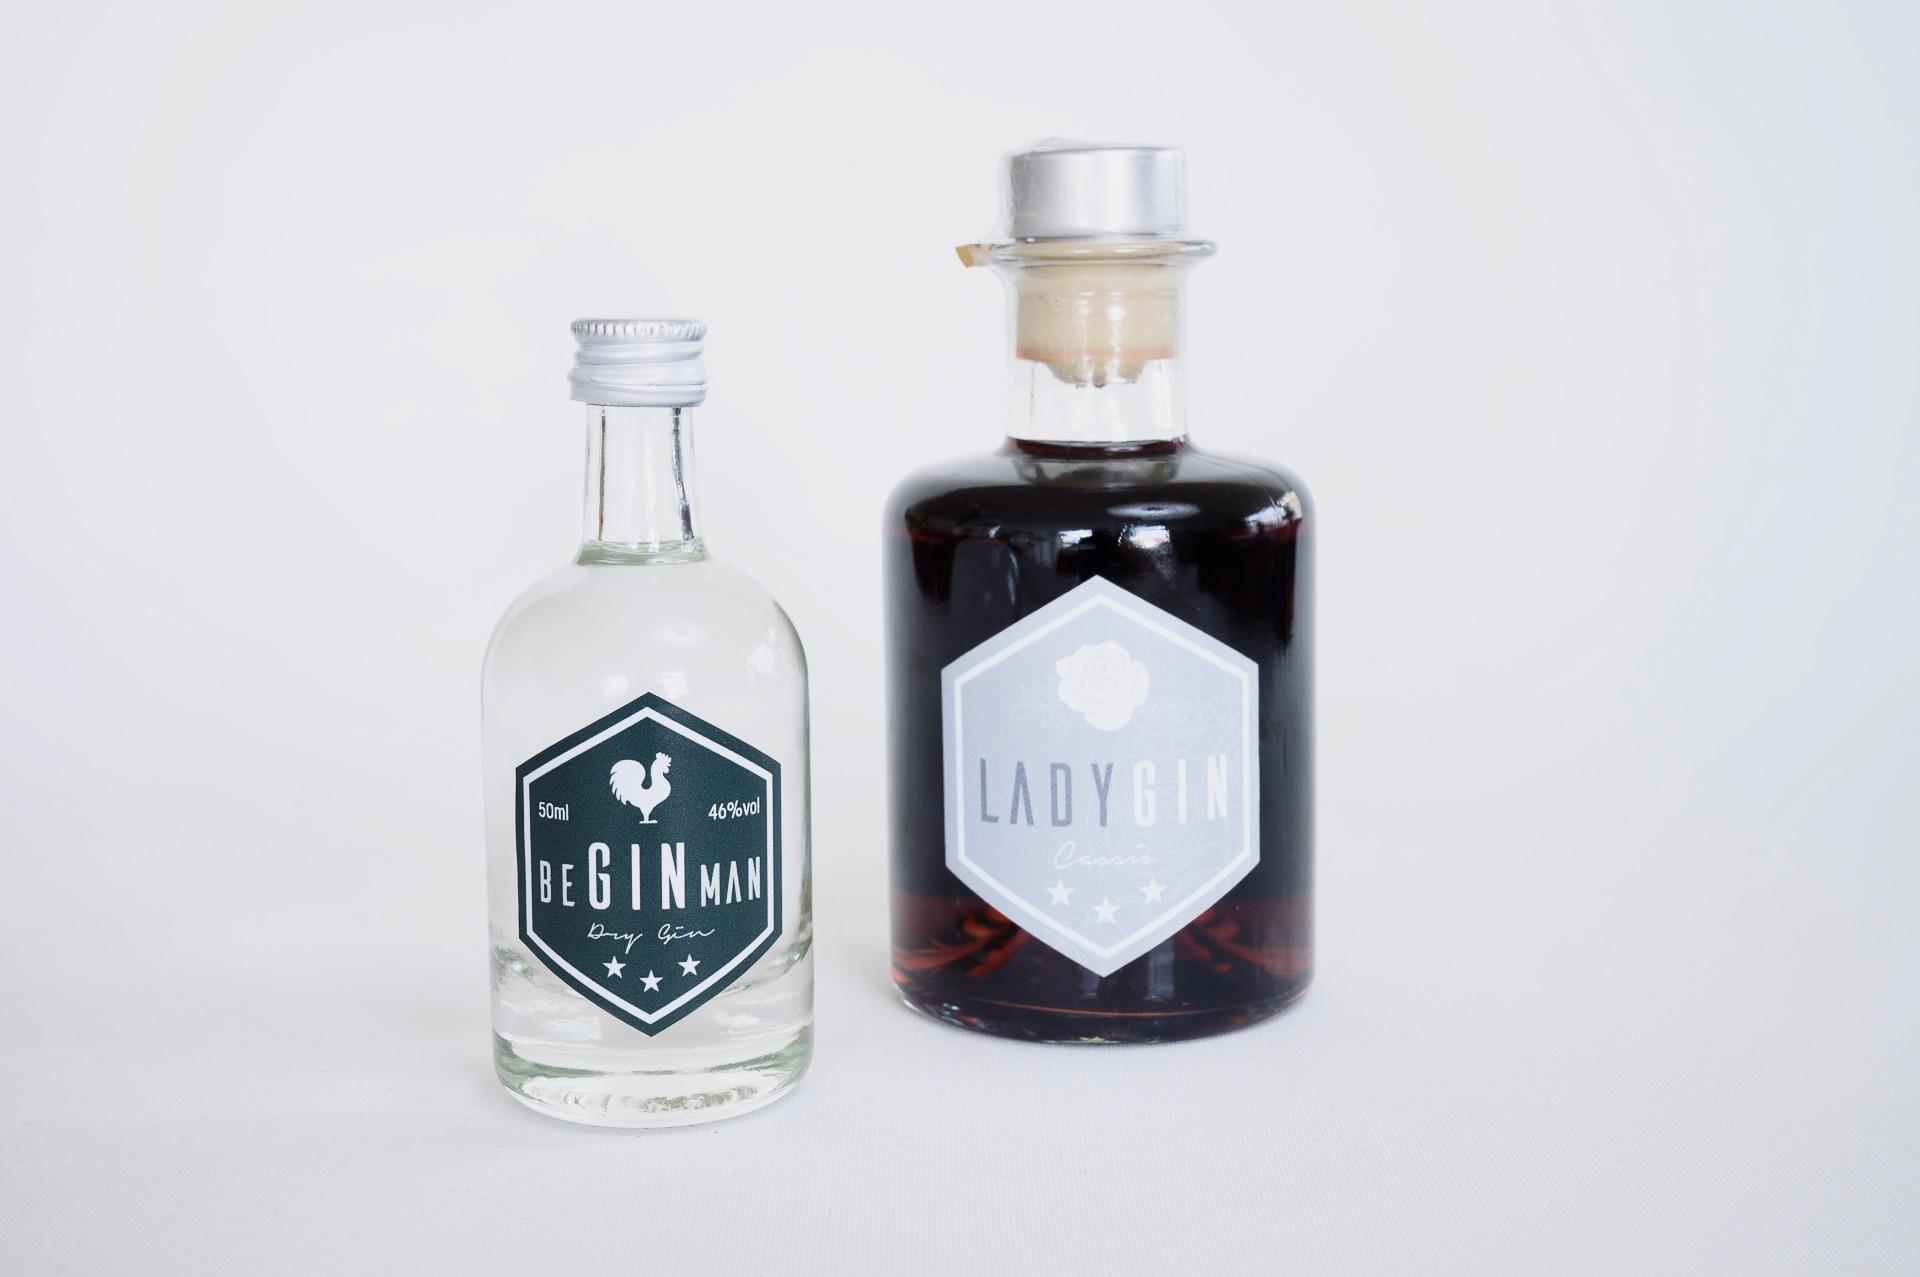 Begemann, Gutshof Brennerei Begetal, Lady Gin, Begemann Gin